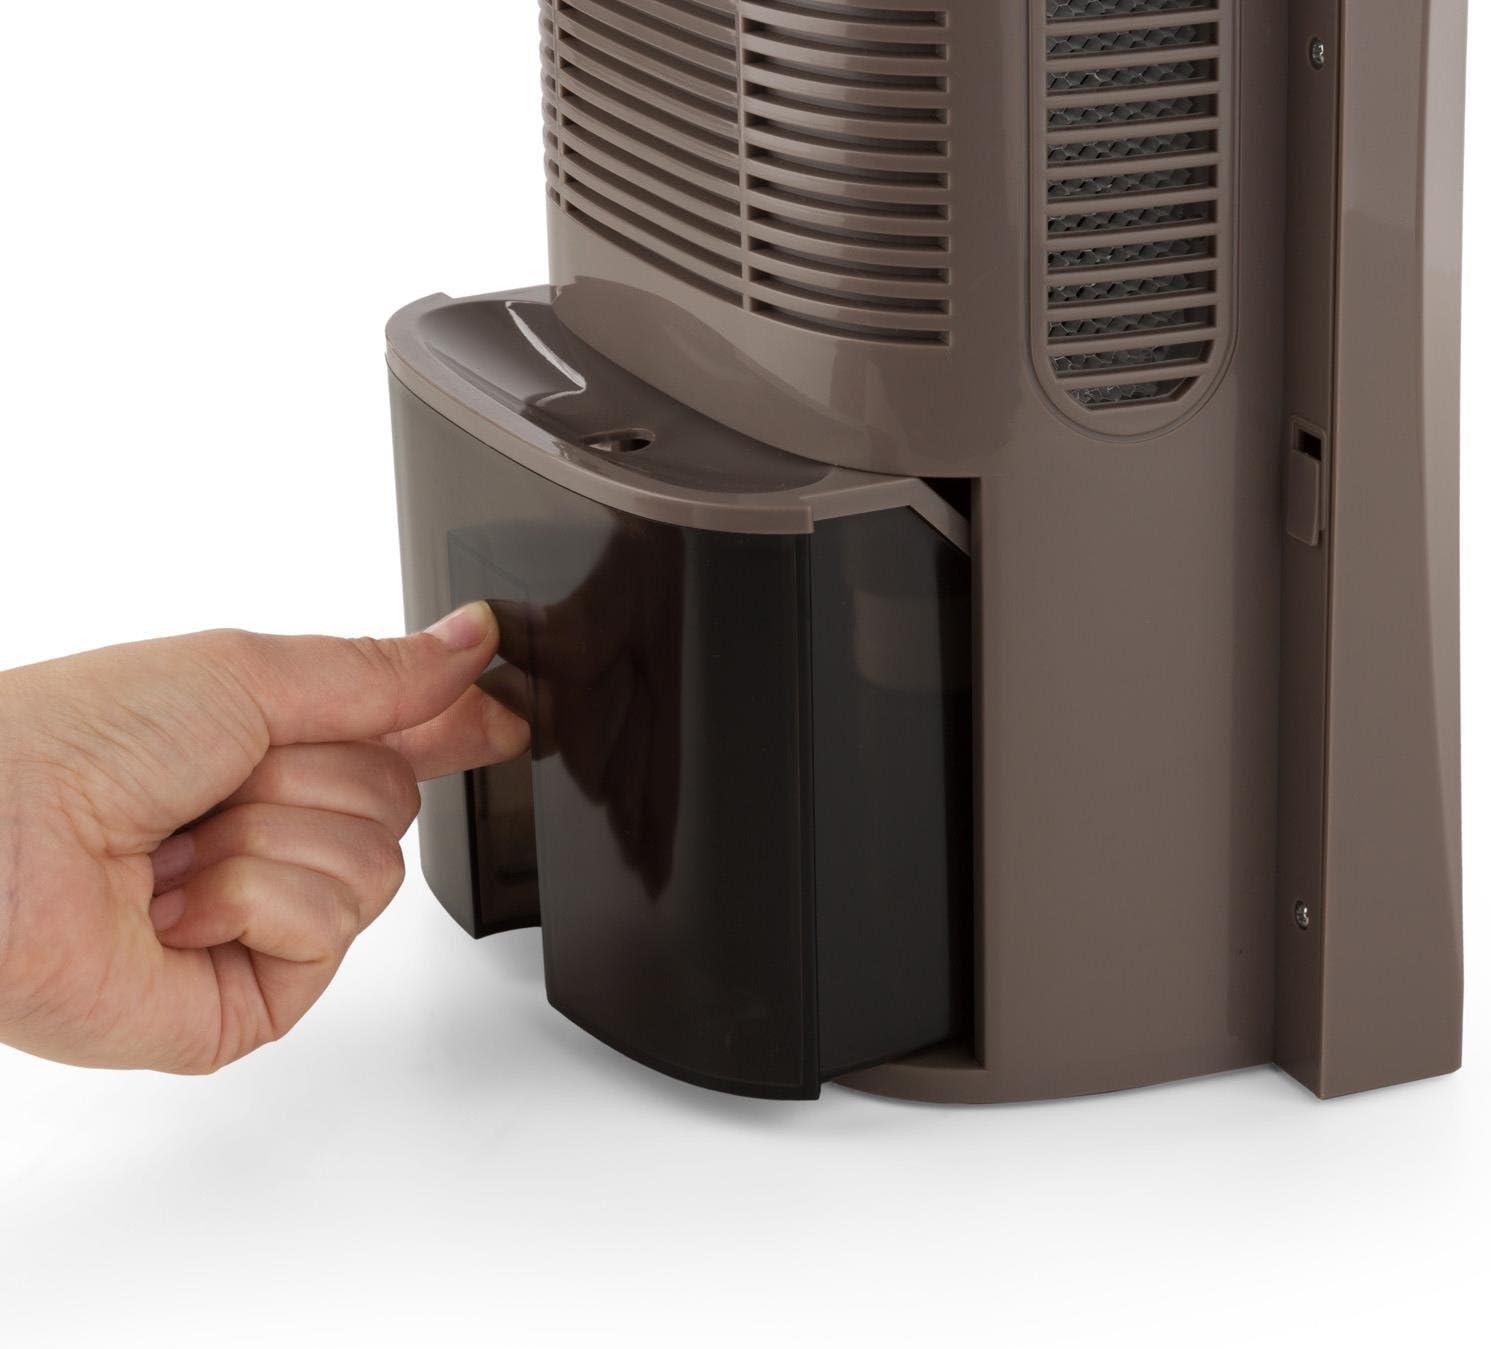 Klarstein Drybest 2000 2G Deshumidificador Deshumidificador el/éctrico Gris Dep/ósito de 2 L 0,7L//24h Purificador silencioso bajo Consumo 70 W Ionizador Integrado